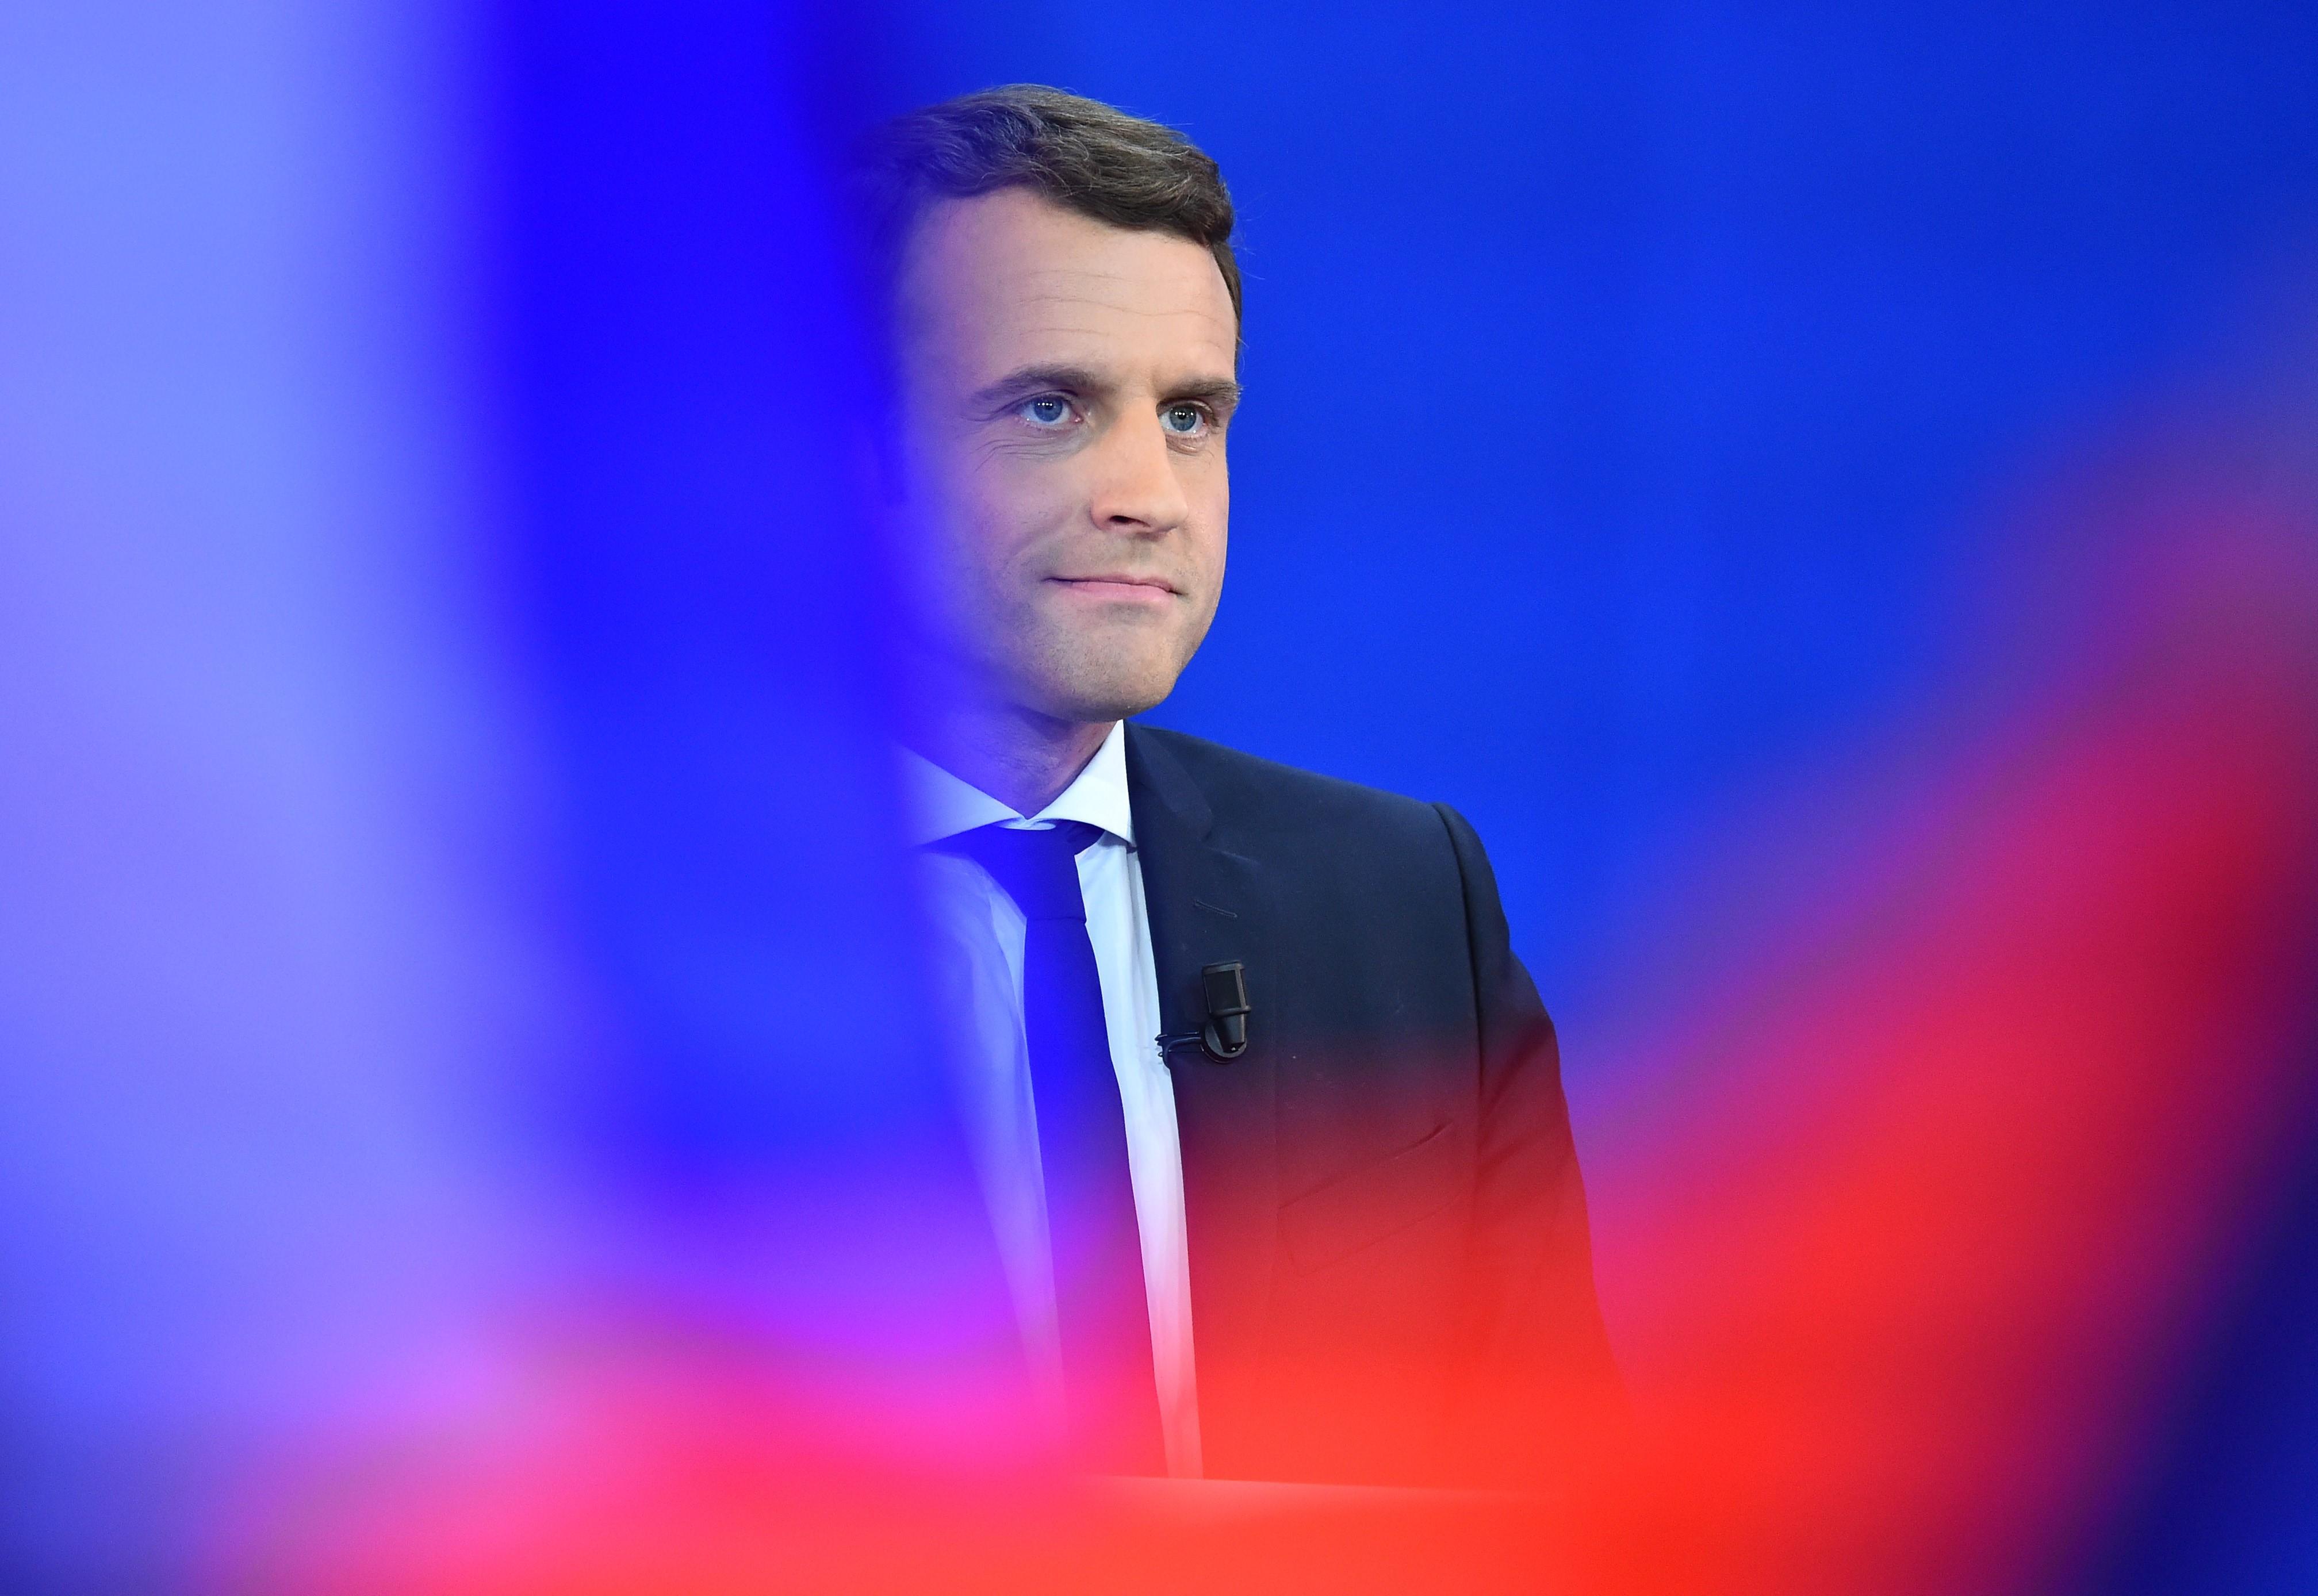 Hekkertámadás érte Macron kampánycsapatát, több tízezer levél került ki a netre